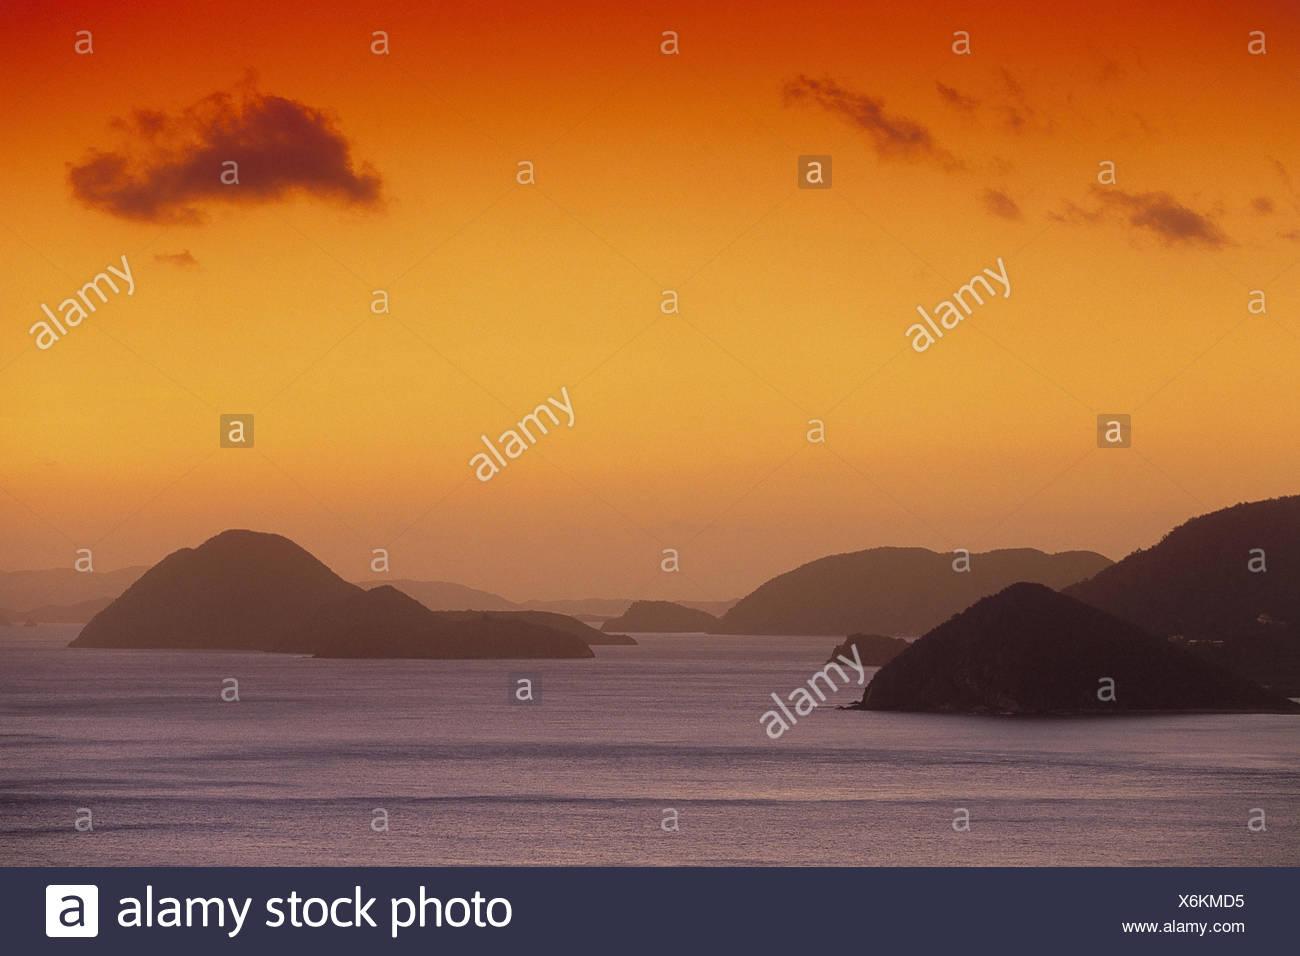 Karibik, Britische Jungferninseln, Tortola, Cane Garden Bay, Blick Jost Van Dyke, Meer, Abendlicht Mittelamerika, Westindische Inseln, Kleine Antillen, britischen Jungferninseln, Karibisches Meer, Atlantik, Atlantischer Ozean, Kolonialpolitik, Aussicht, Ausblick, Abend, hohem, Romantik, Stimmung, werden Stockbild